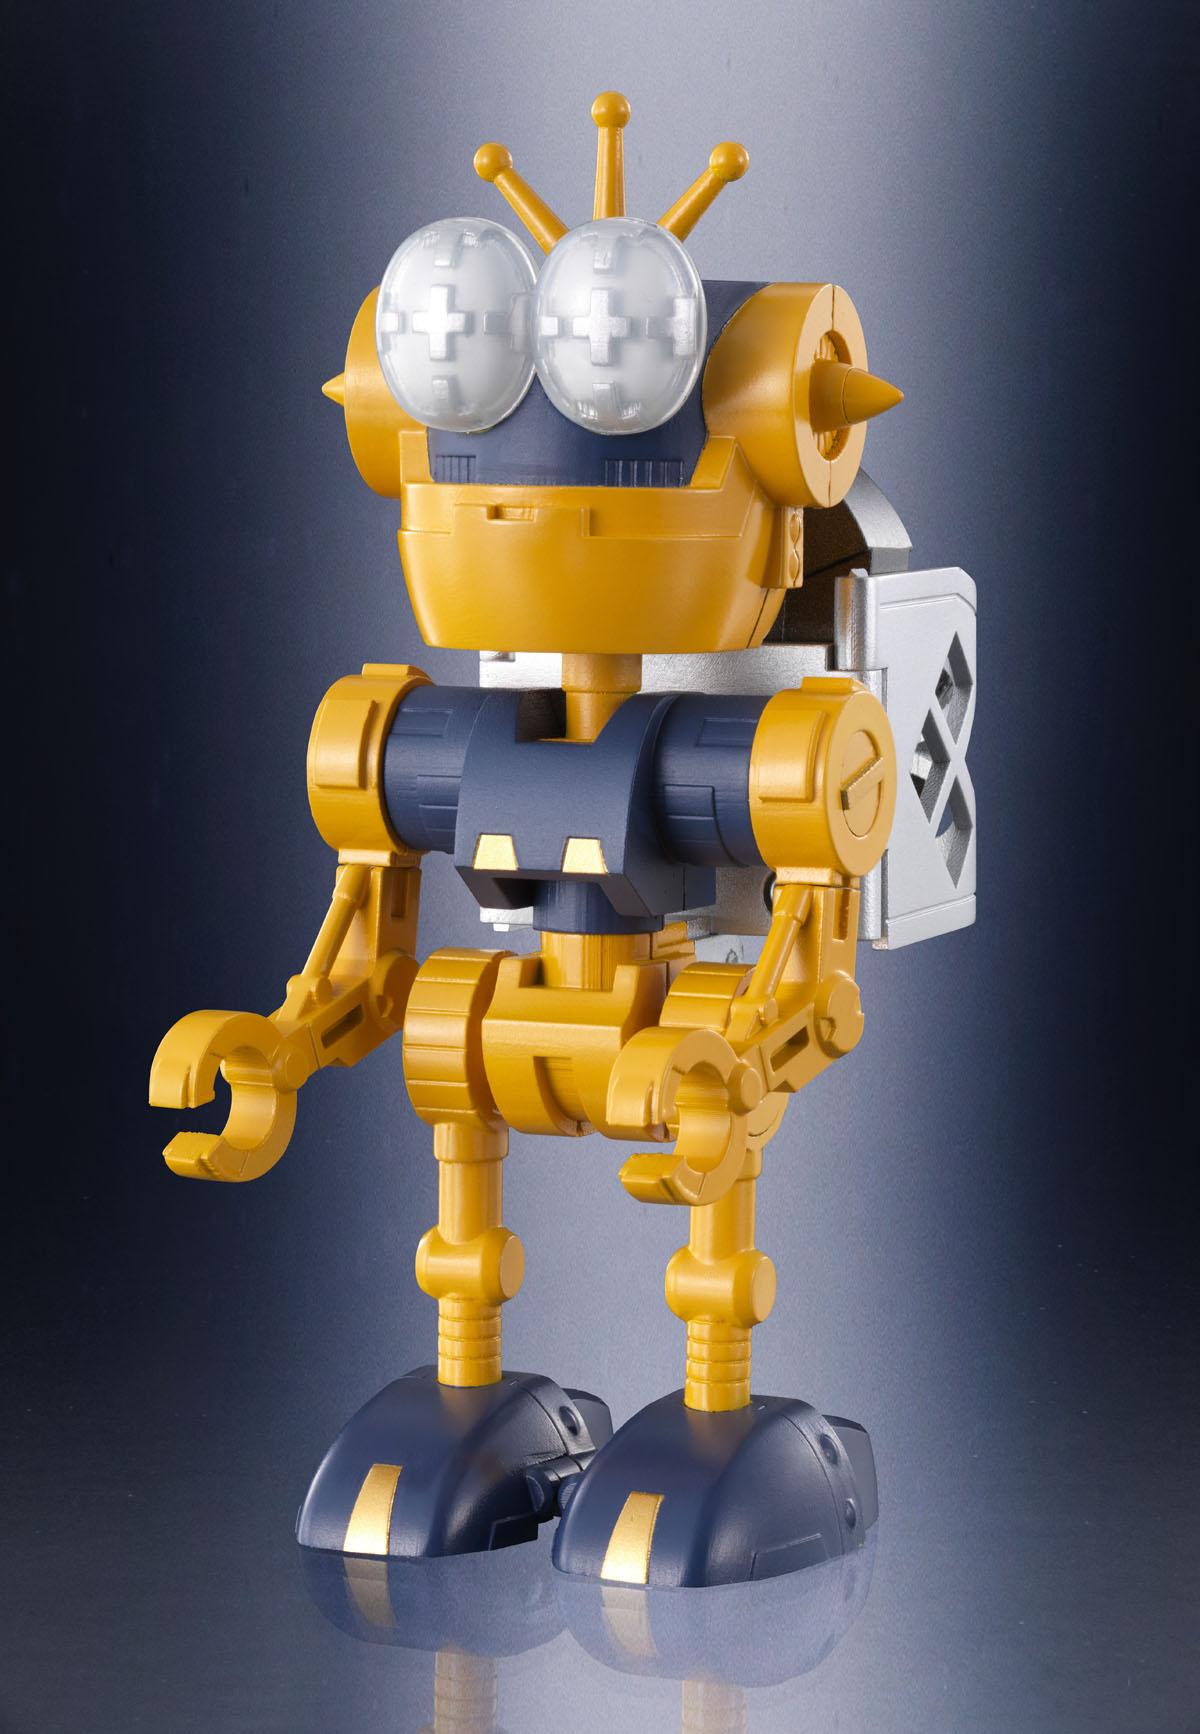 ゴンスケロボット